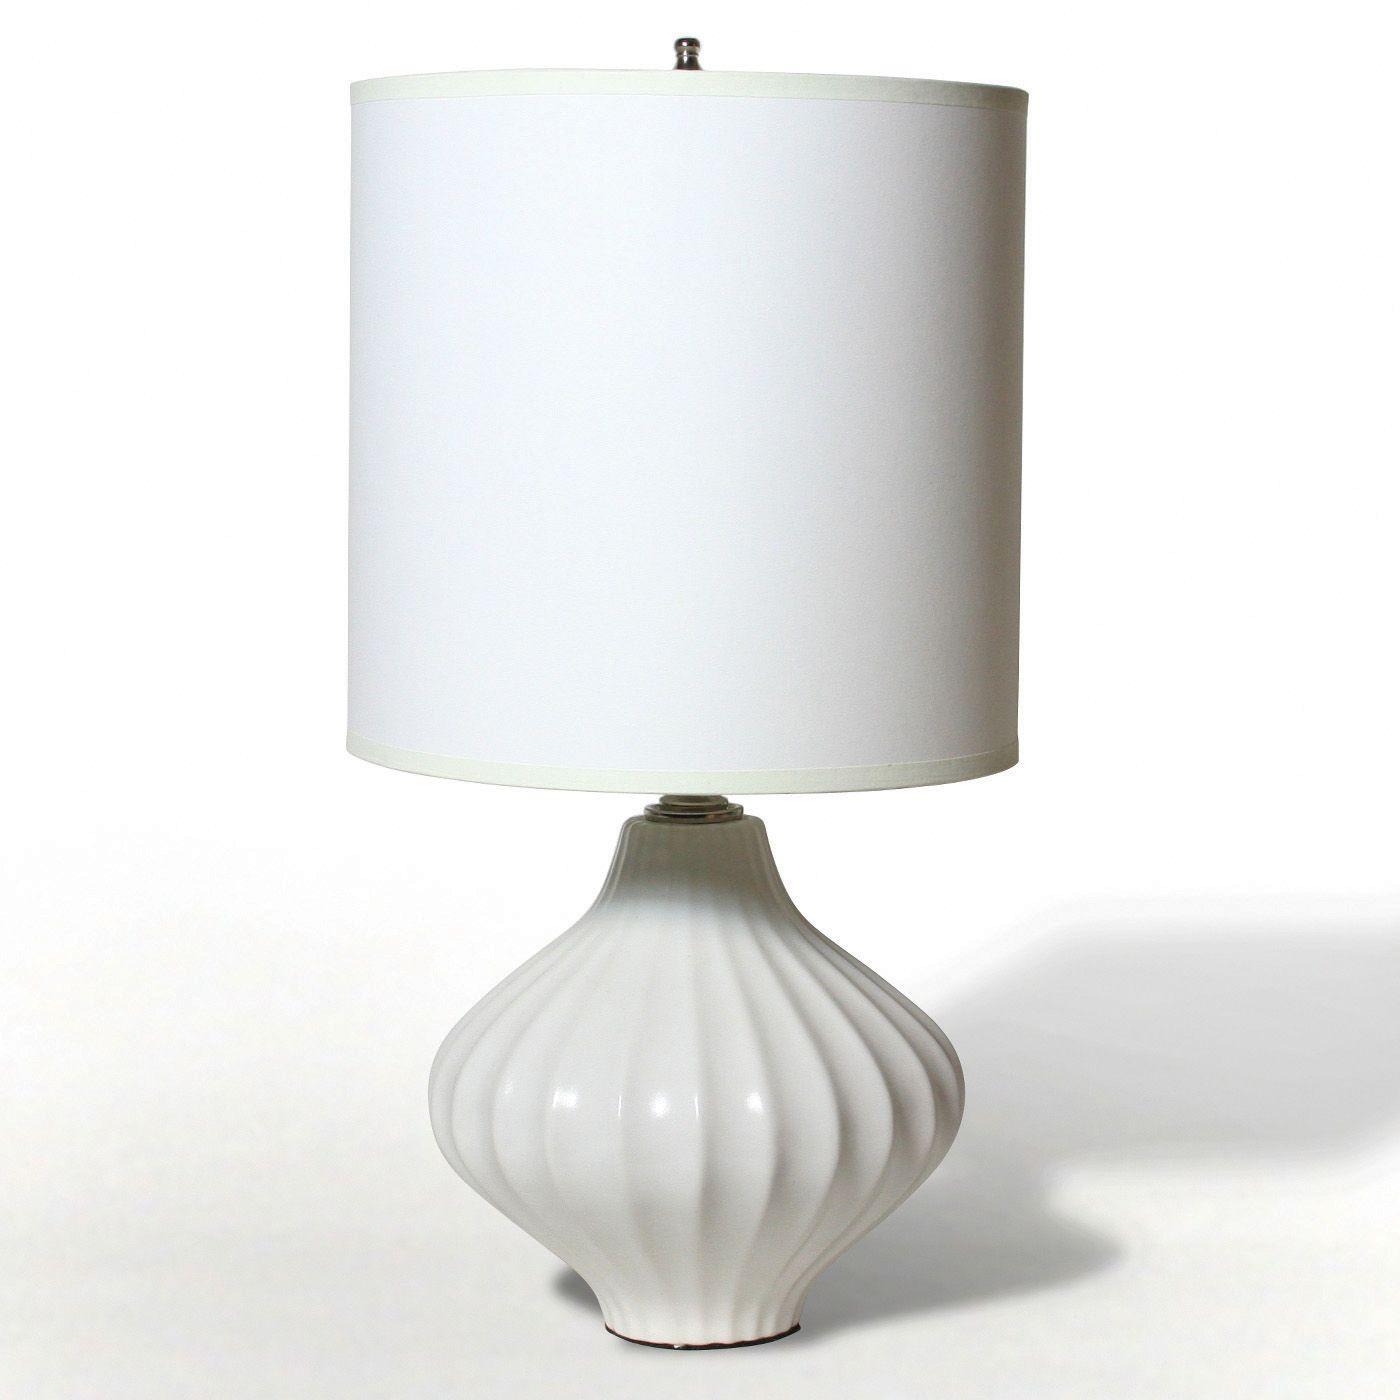 jonath anadler nelson lantern lamp for $250 or diy an ikea vase ... for diy table lamp from vase  183qdu